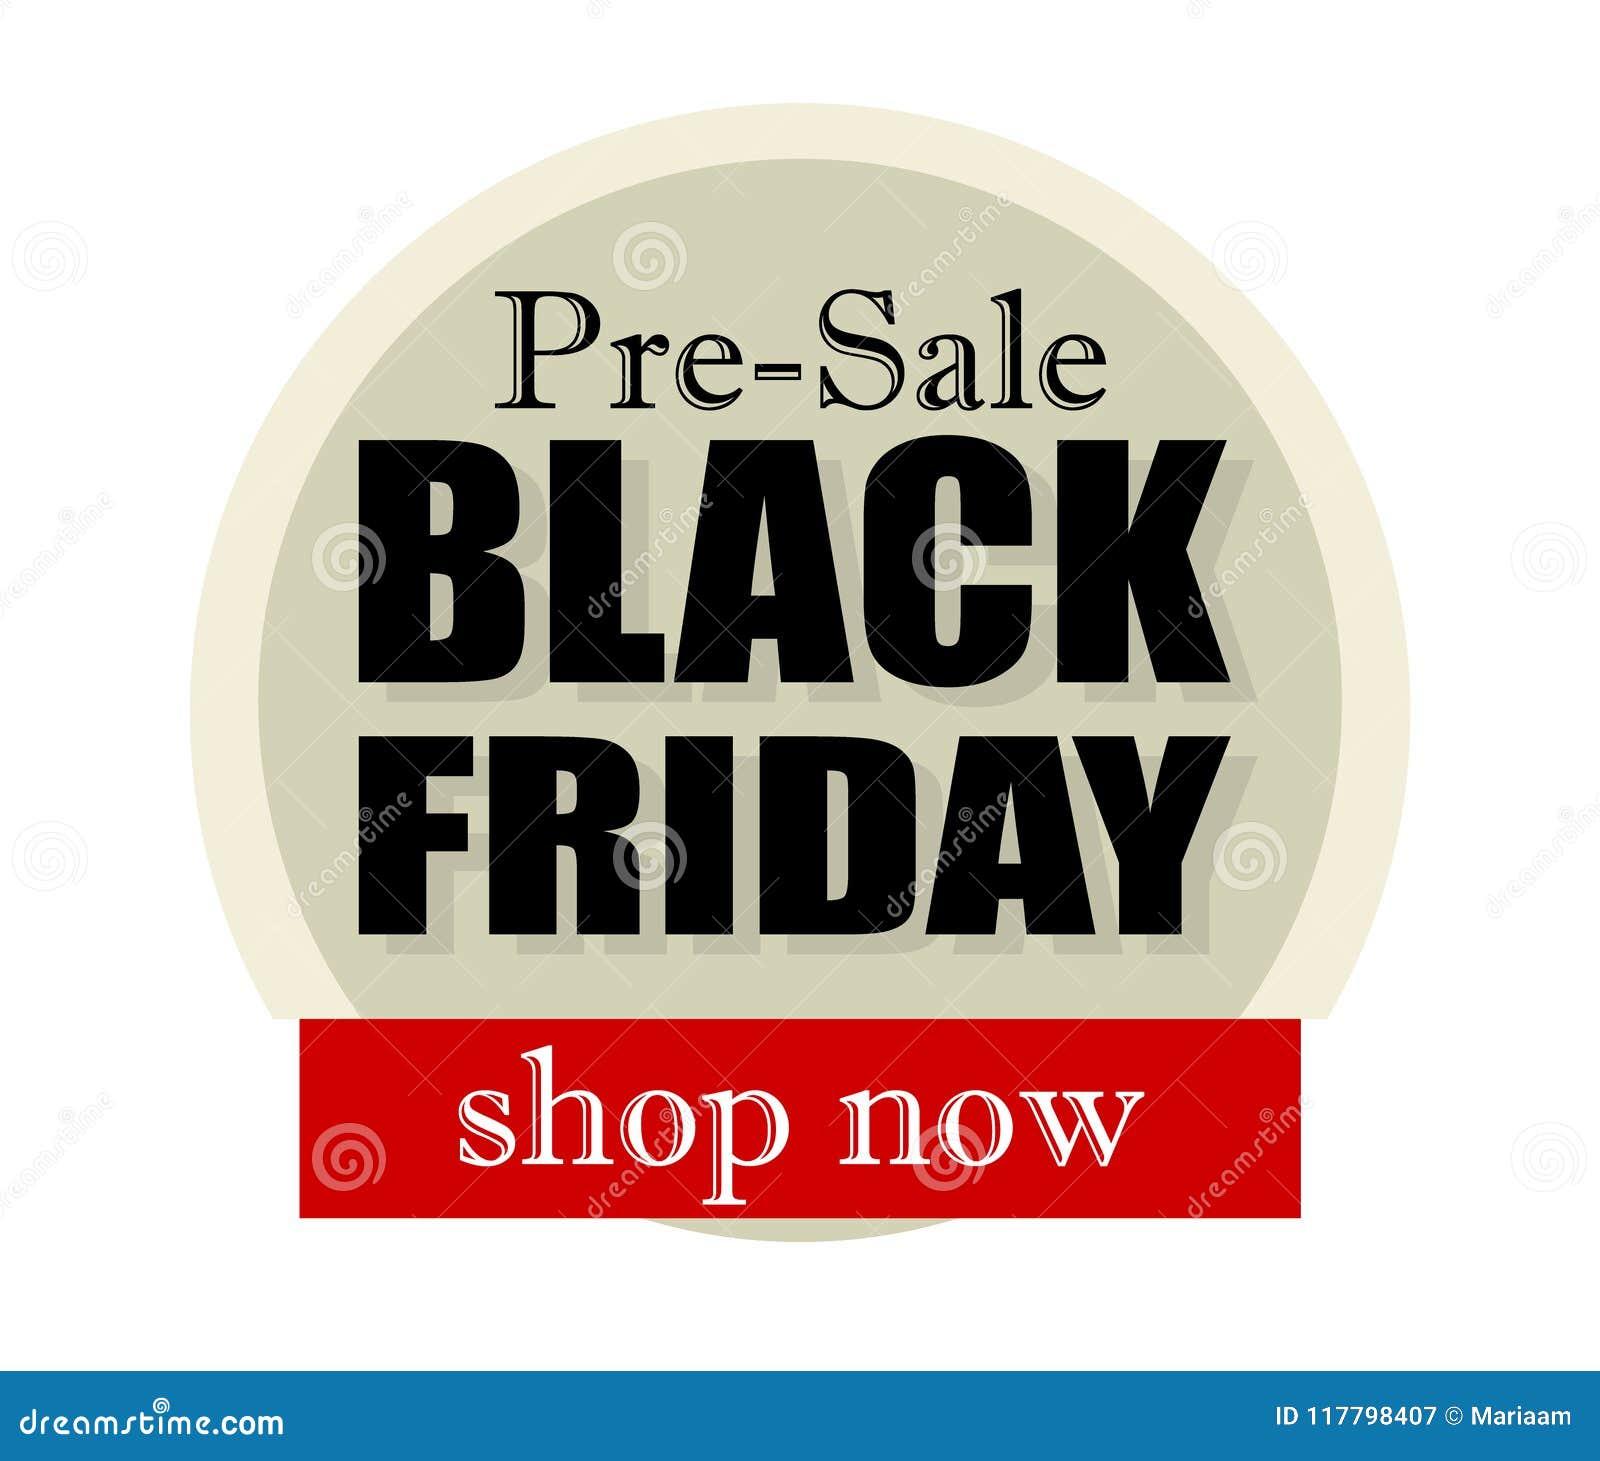 Bonnes actualités   Heure pour vendredi noir préalable à la vente ! Achetez  maintenant Grandes offres 2f6046b27a5d